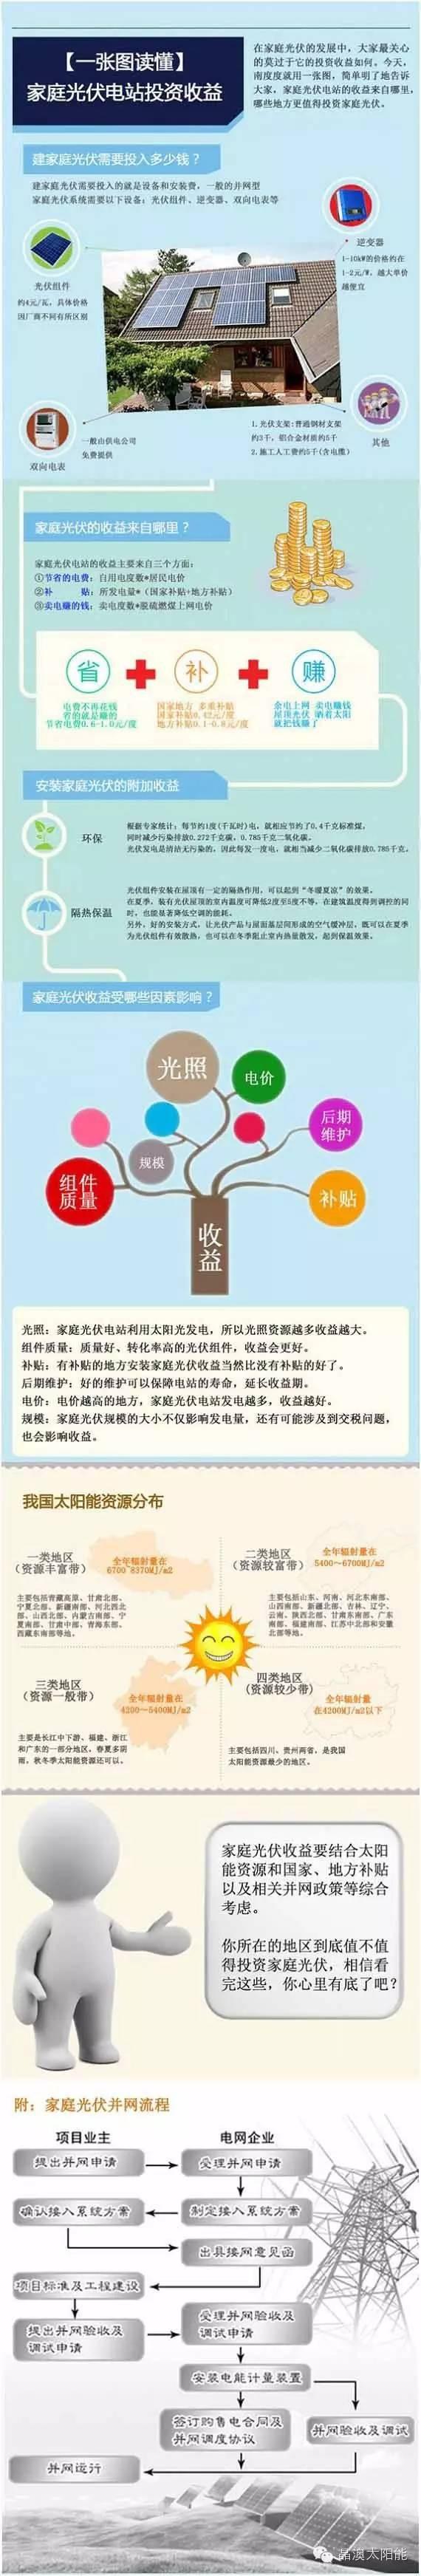 一张图读懂家庭光伏电站投资收益